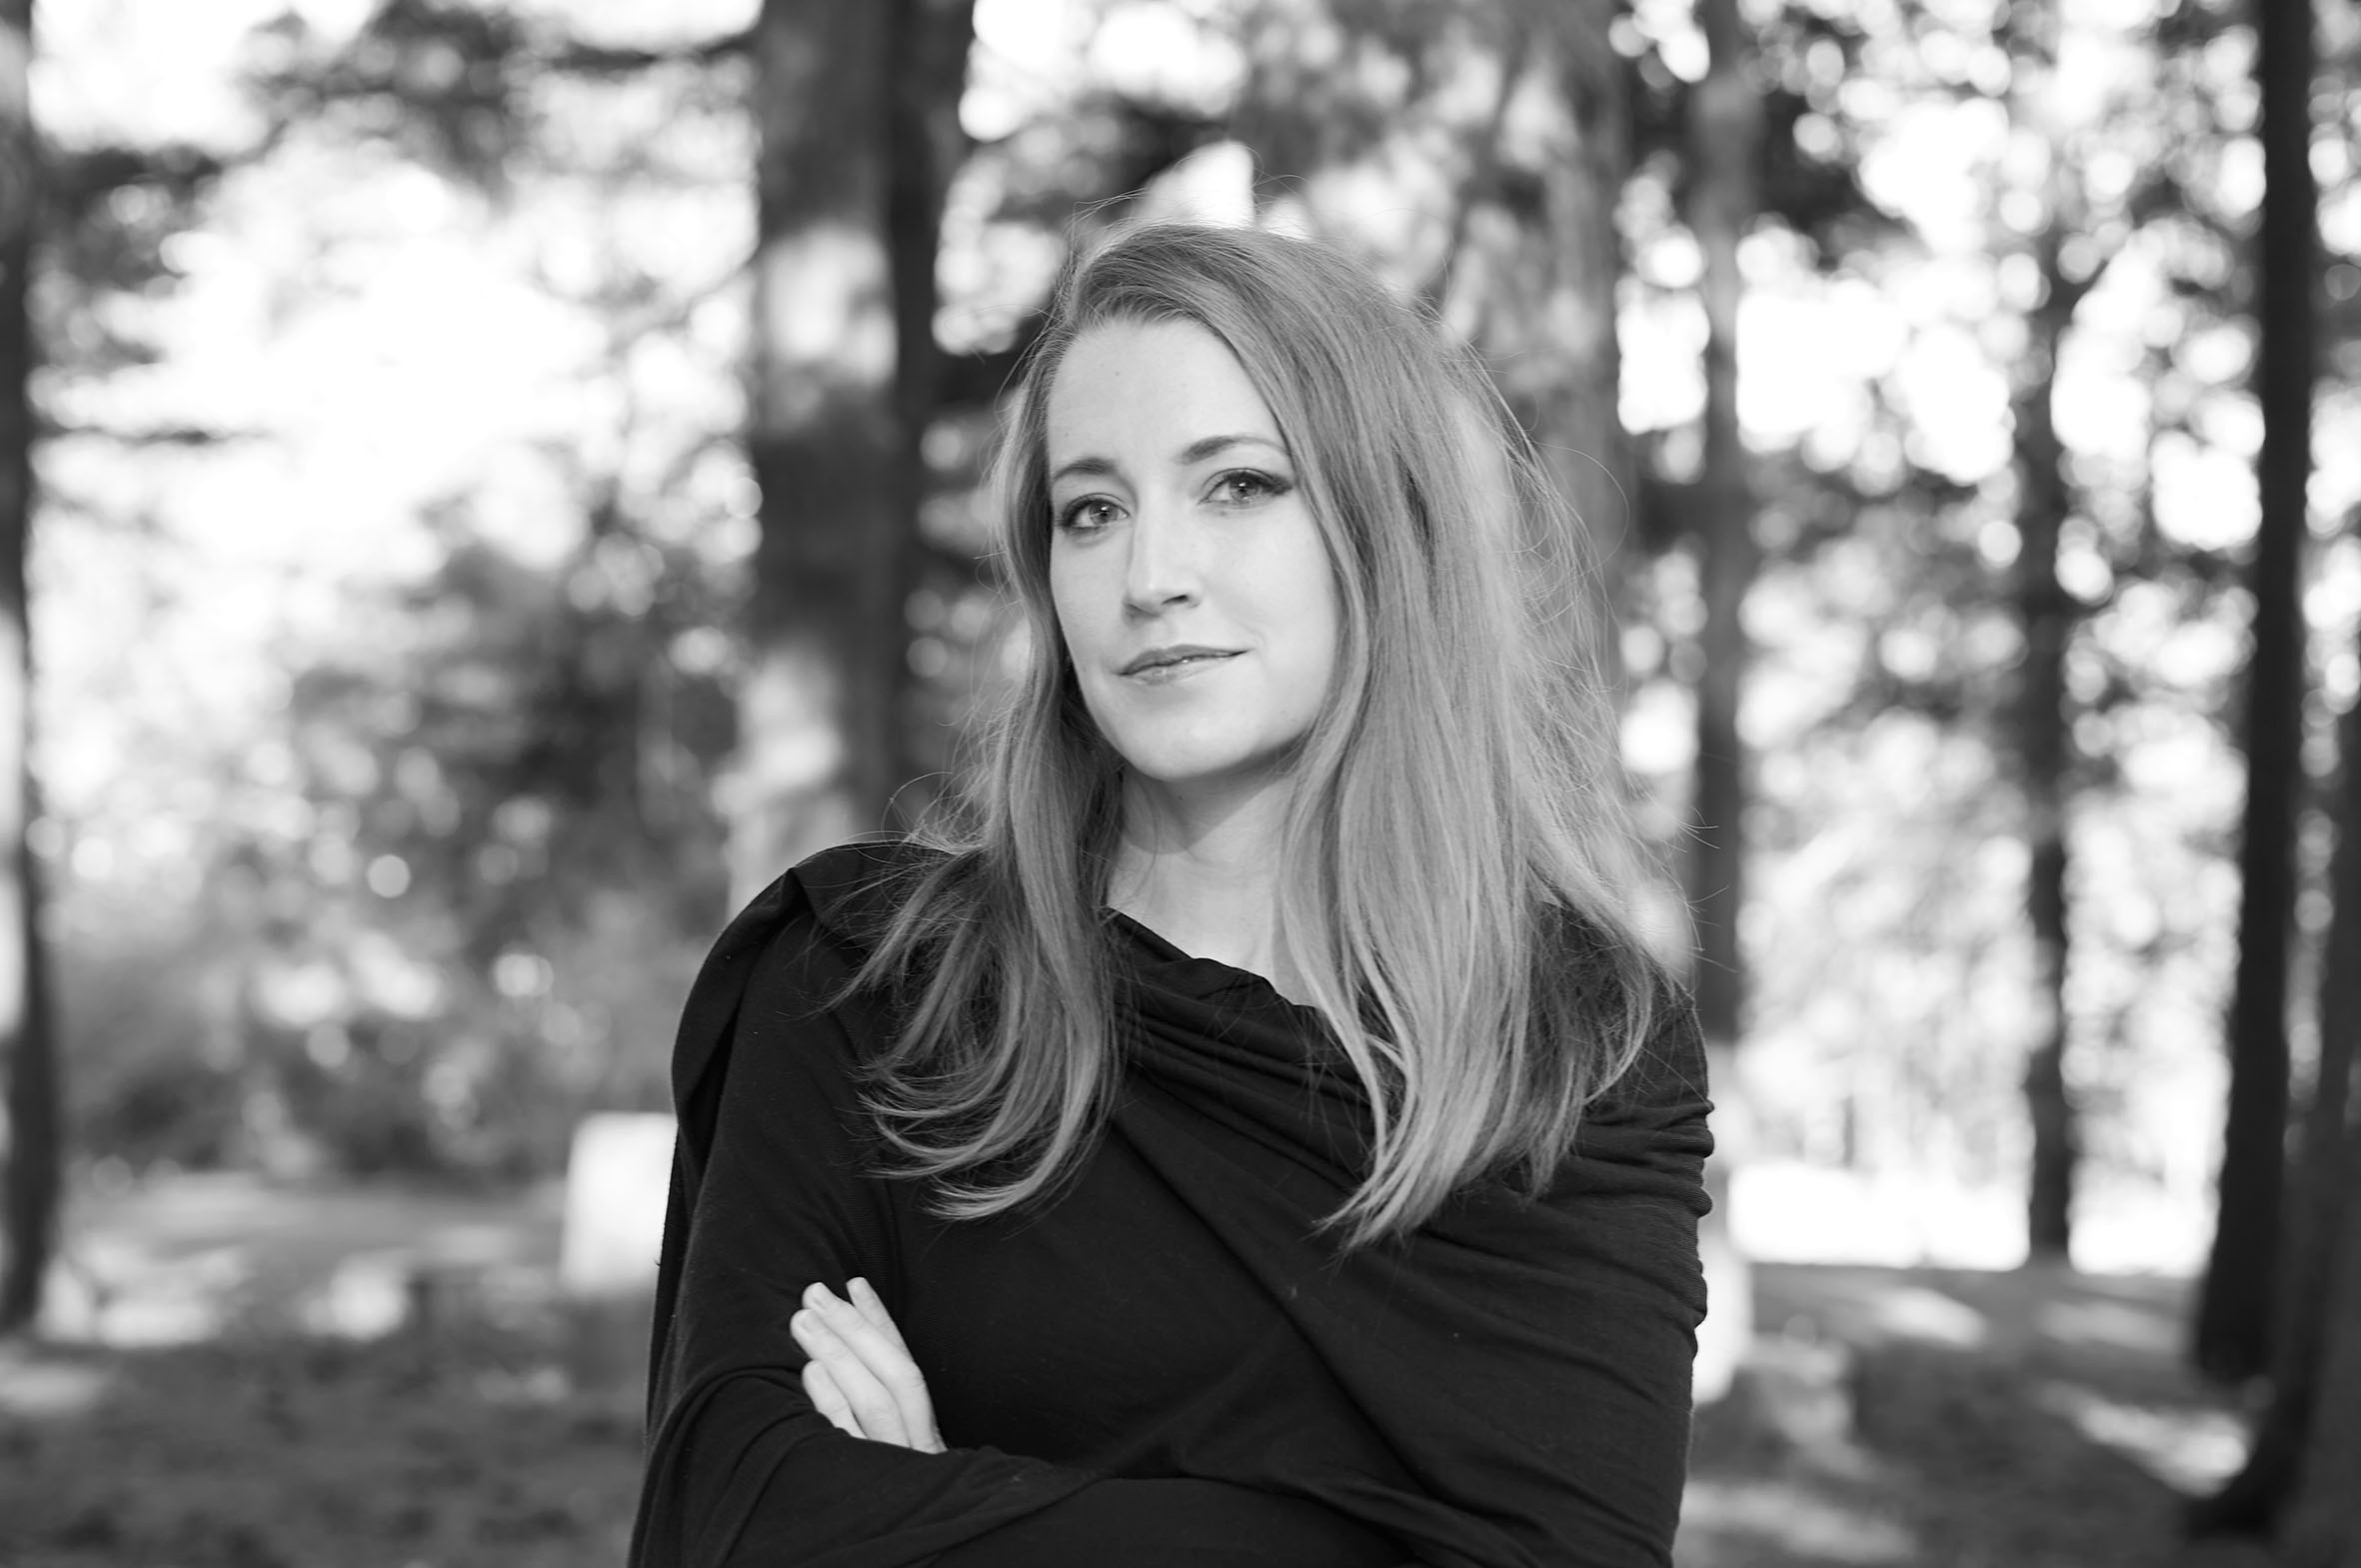 Kristen Radtke Among Recipients of Nonfiction Grants